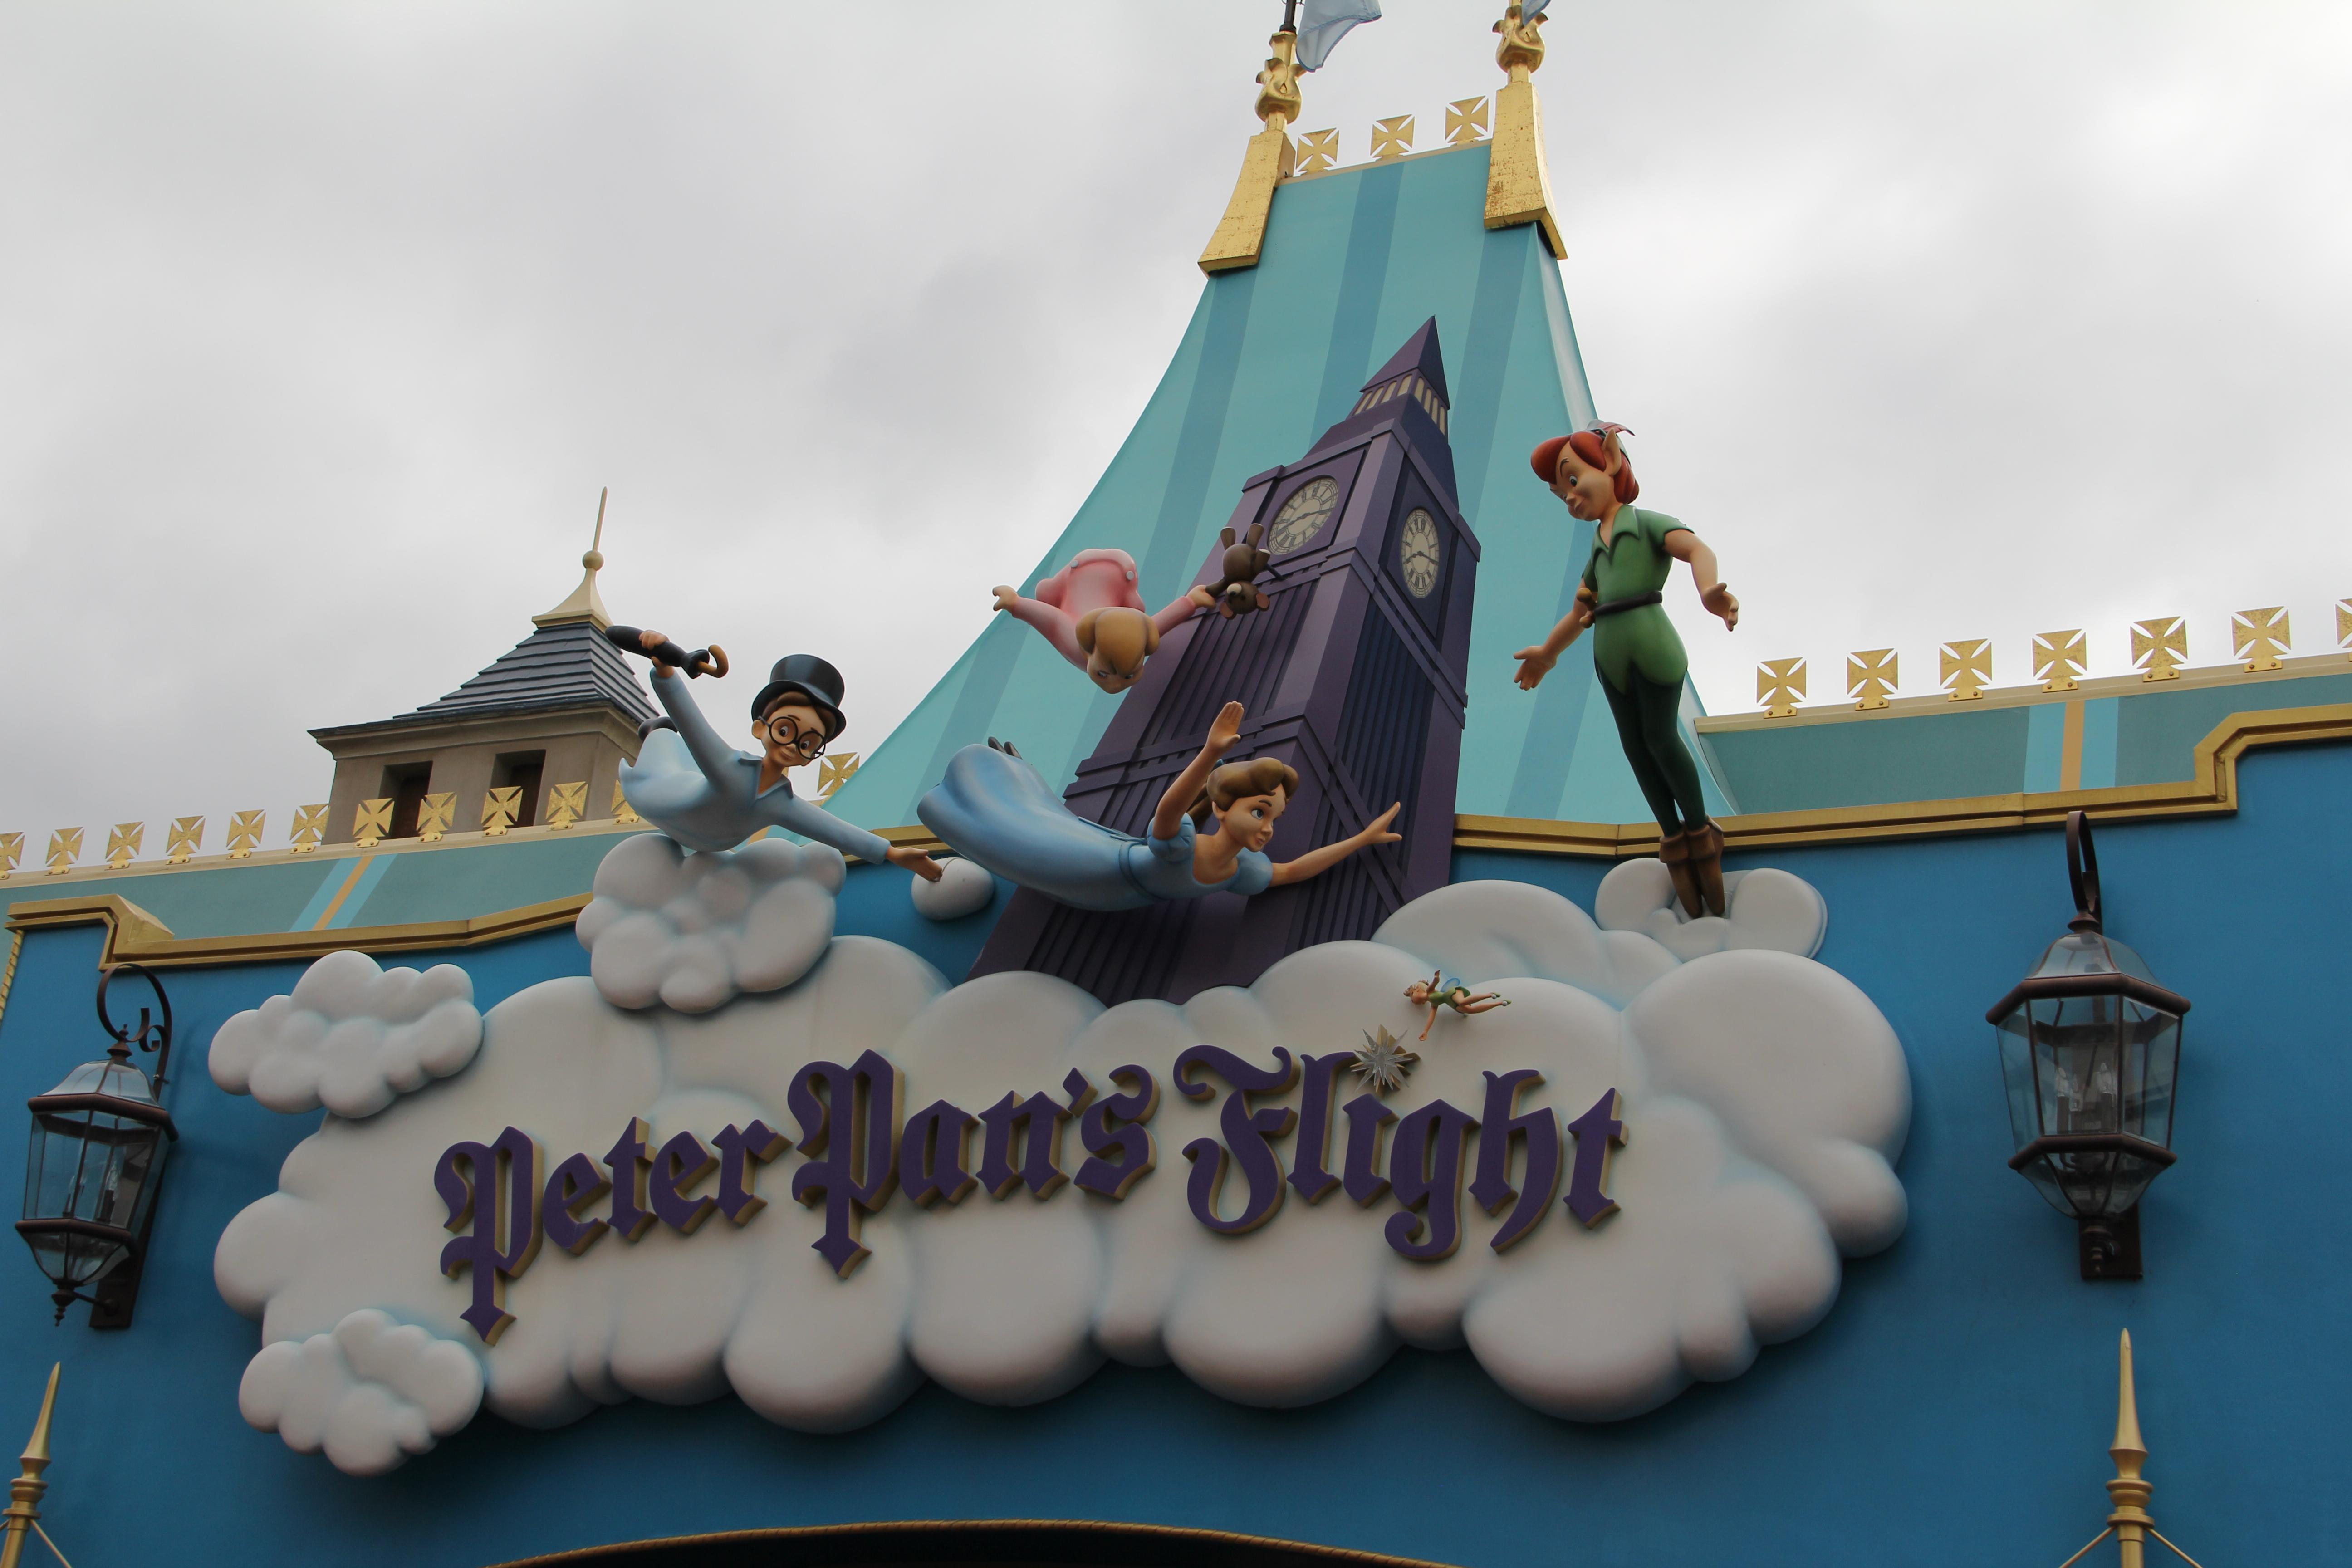 Peter Pan Flight Sign